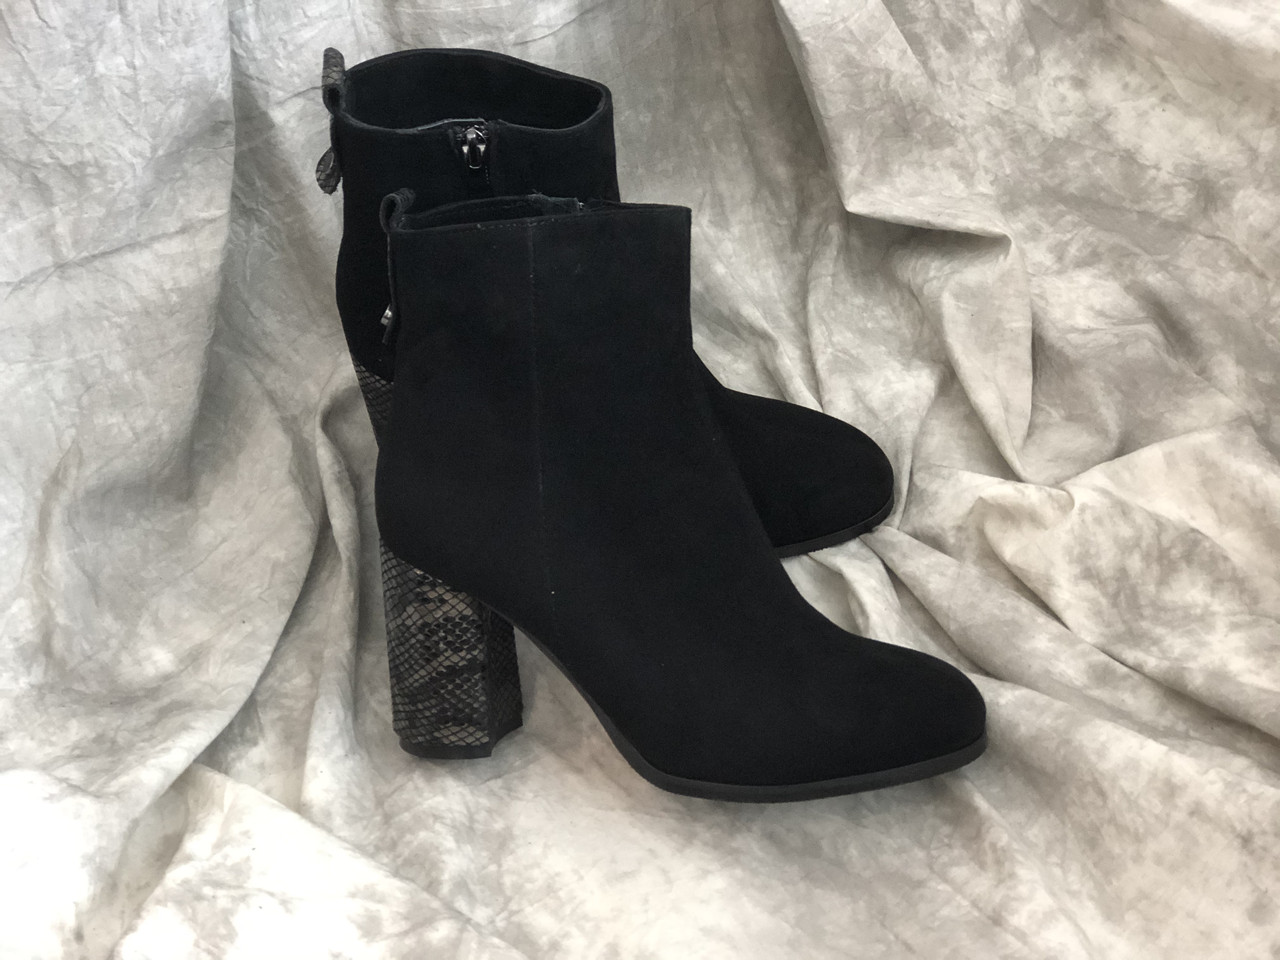 Сапоги демисезонные женские кожаные Марини 2151 ч/з размеры 37,38,39,40